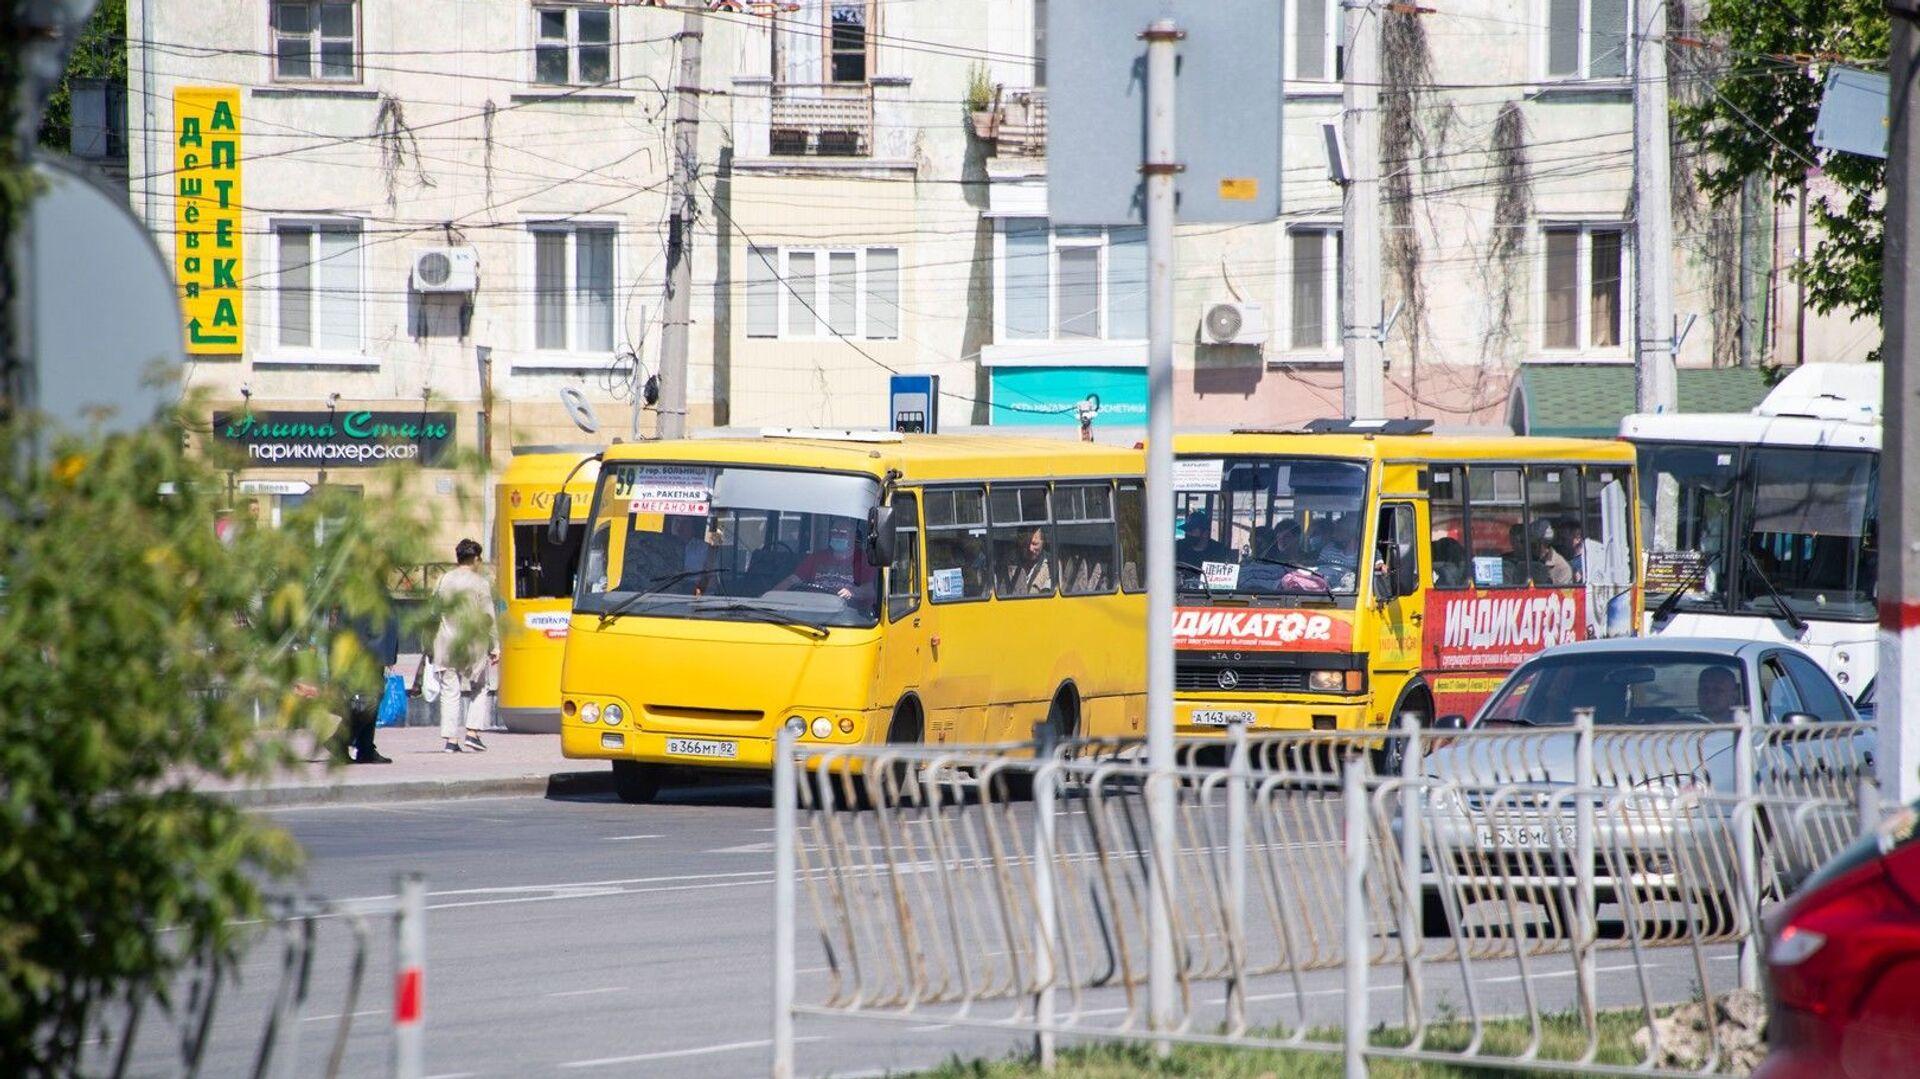 Автобус город улица транспорт - РИА Новости, 1920, 06.10.2021